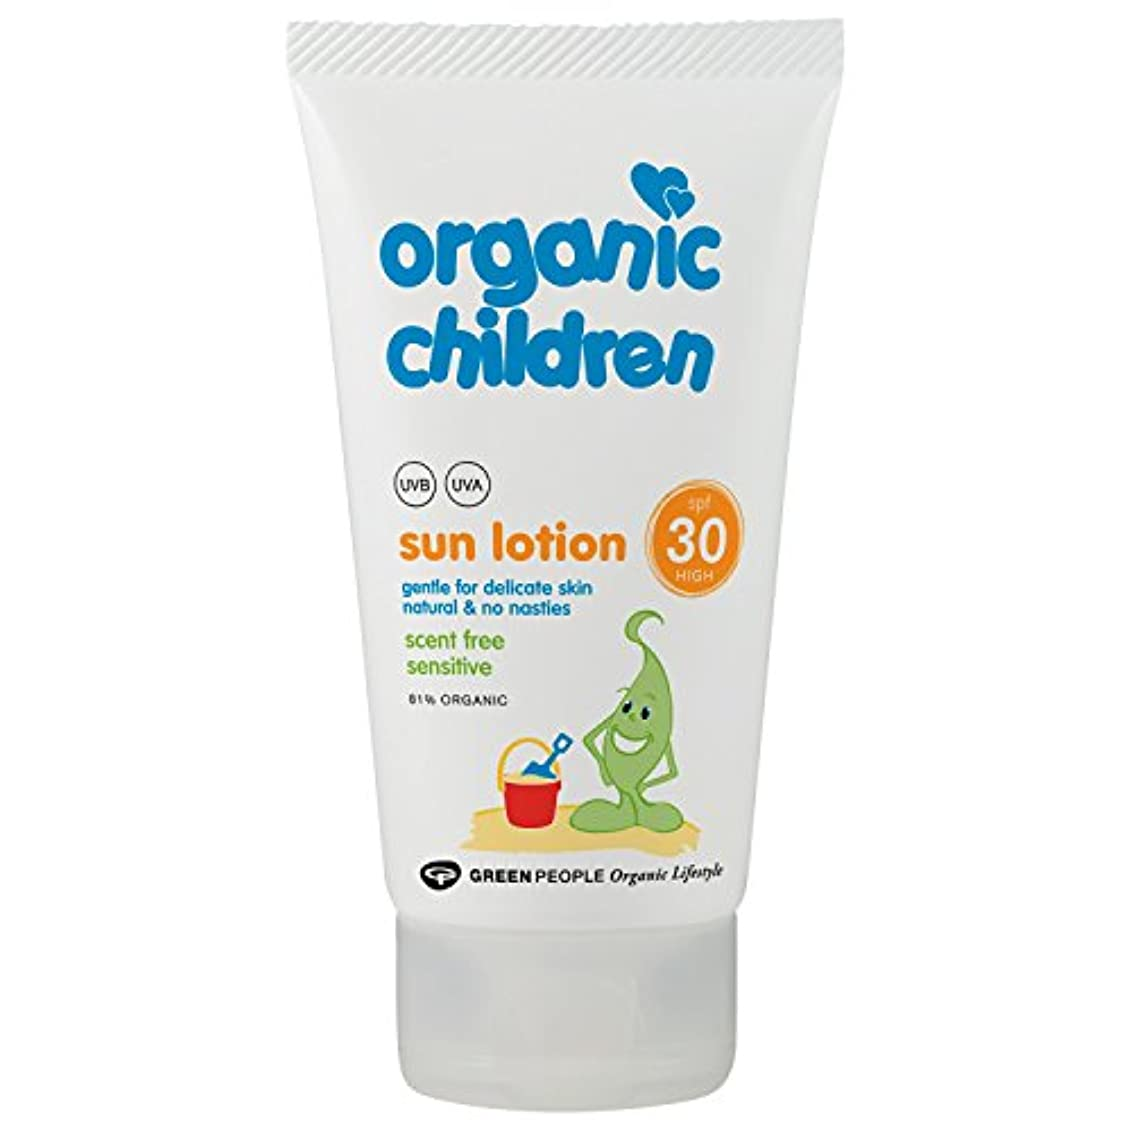 言い換えるとおばあさん何故なの有機子どもたちは30日のローション150グラムを x4 - Organic Children SPF 30 Sun Lotion 150g (Pack of 4) [並行輸入品]